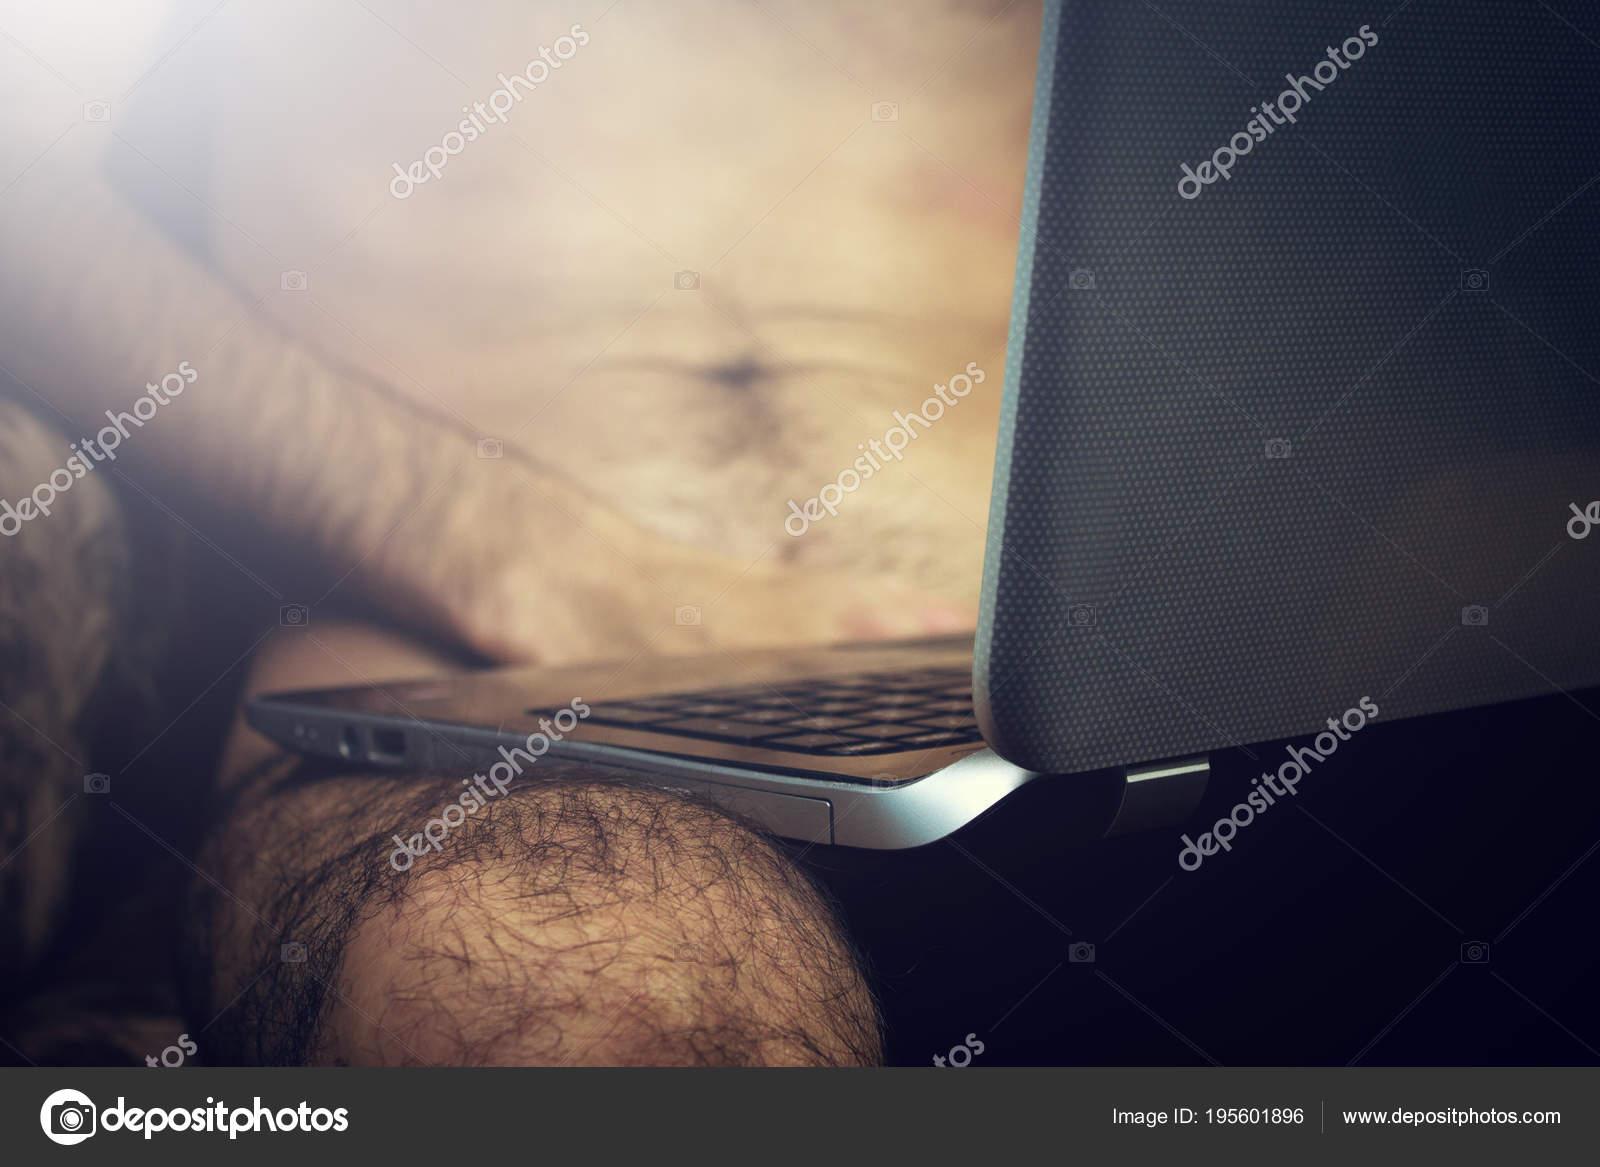 tori černé a sexuální stroje